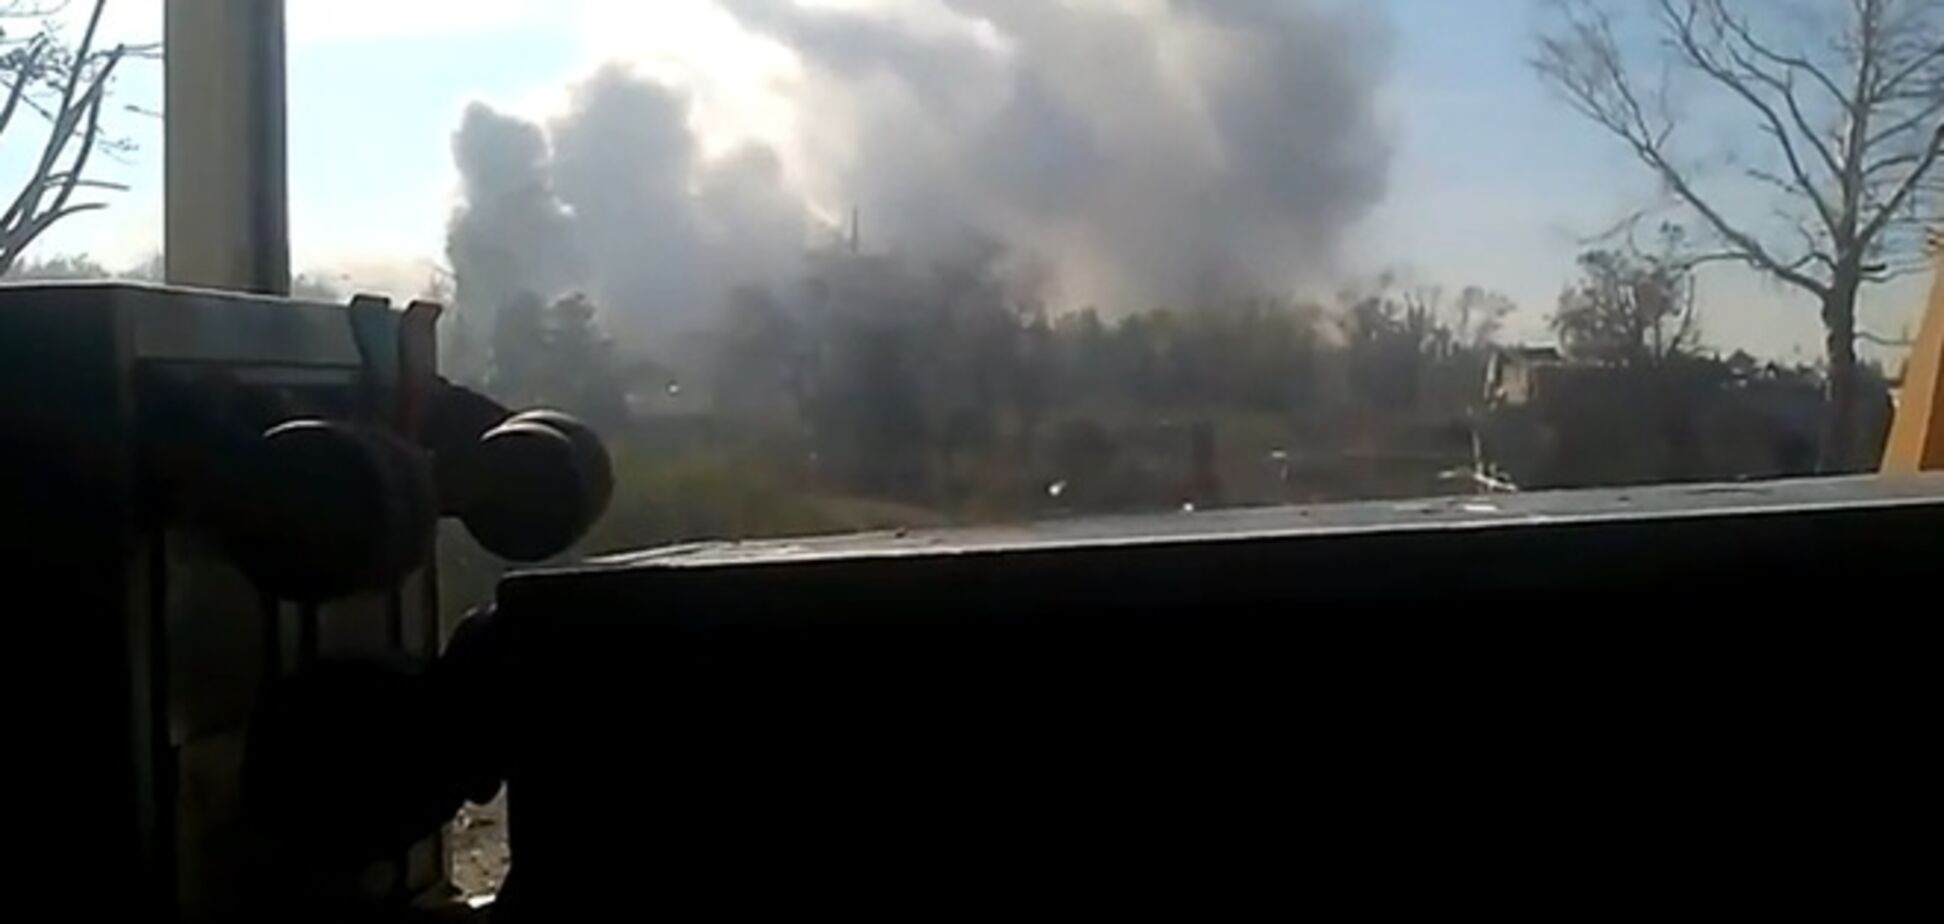 'Киборг' из аэропорта Донецка показал, 'как хорошо горят российские танки'